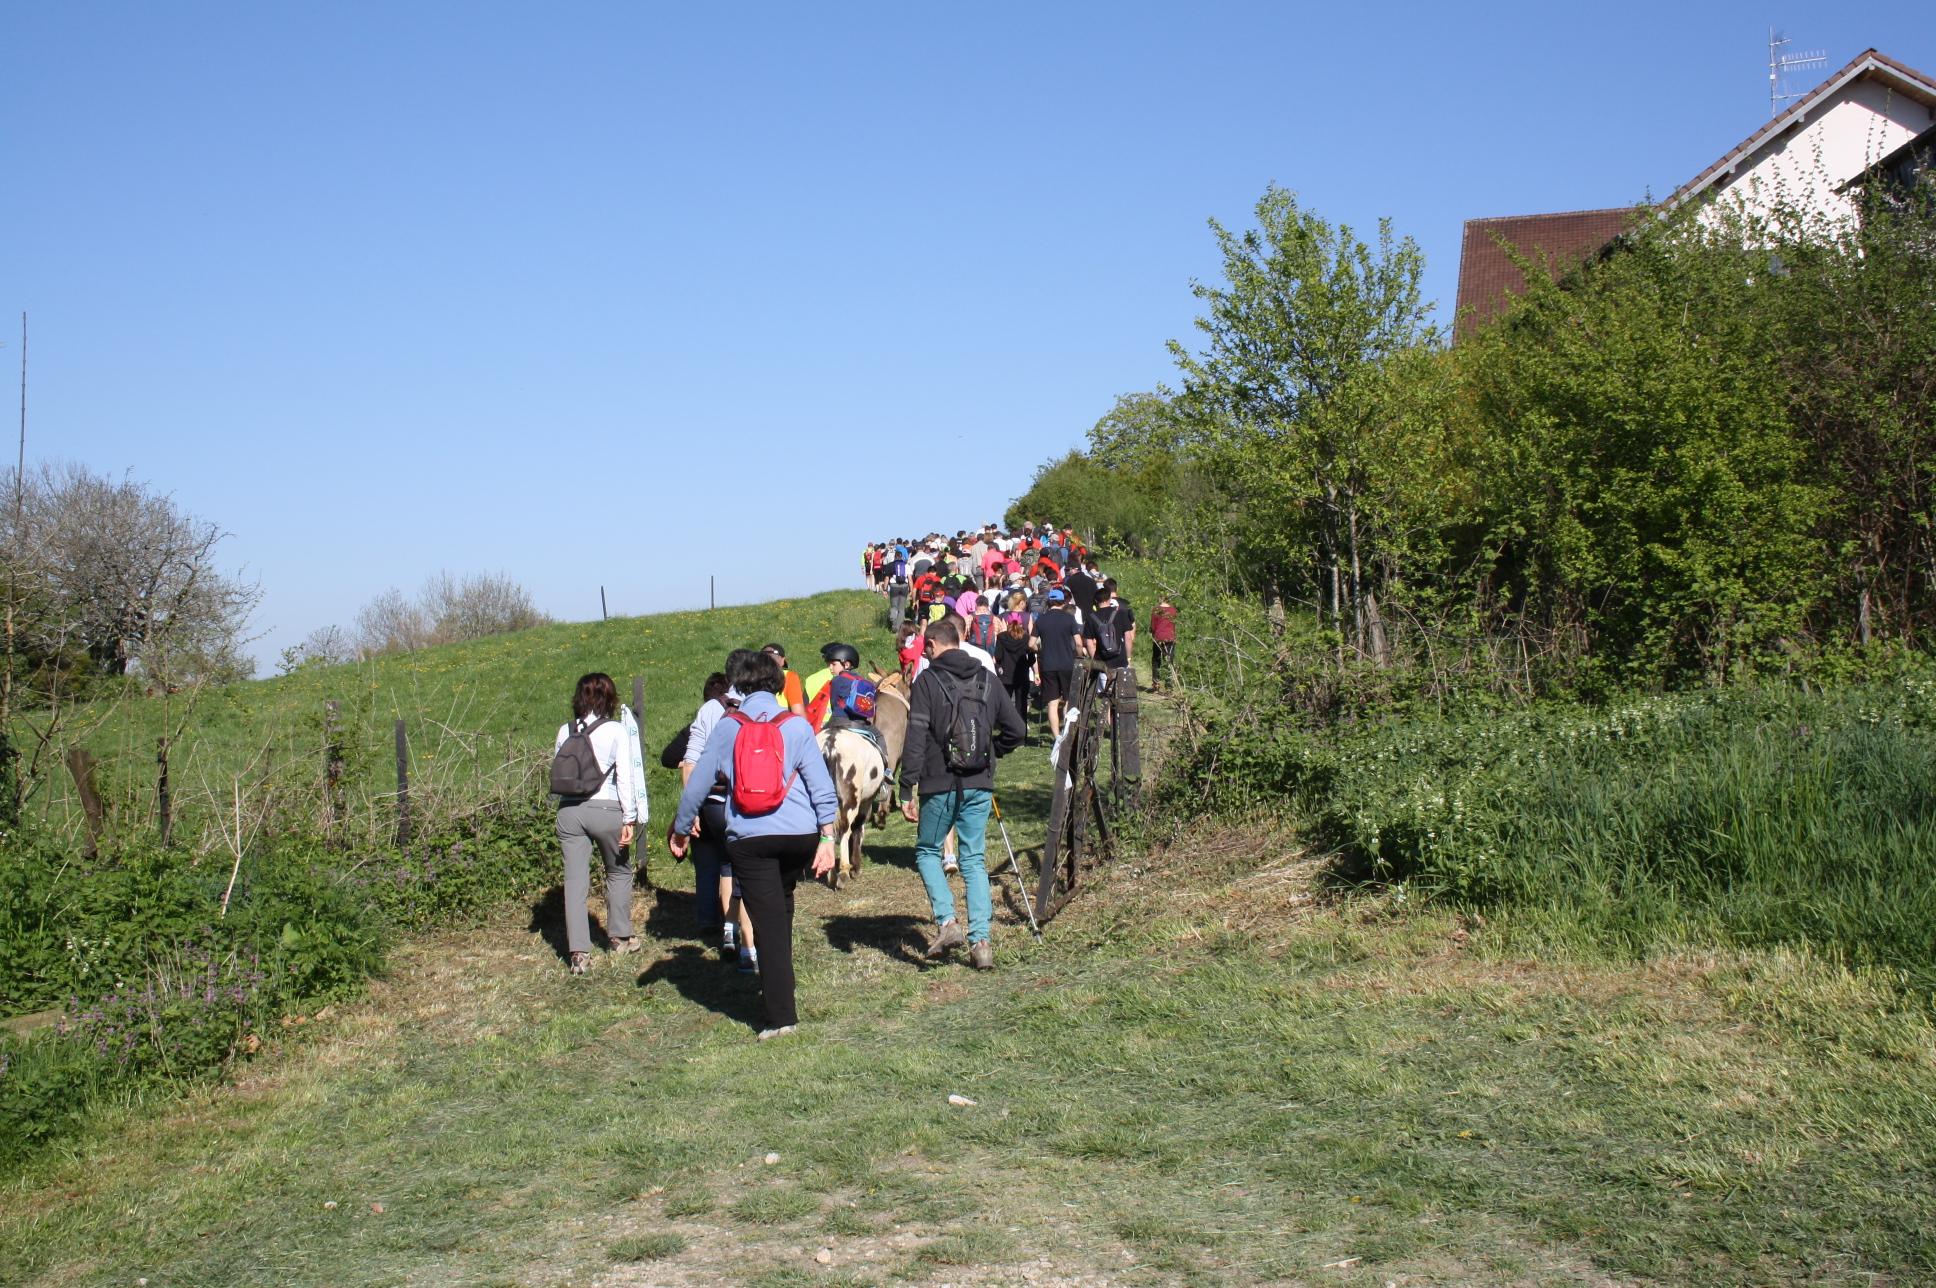 2017-04-09 - Trail-Montfaucon-Juliette (115)